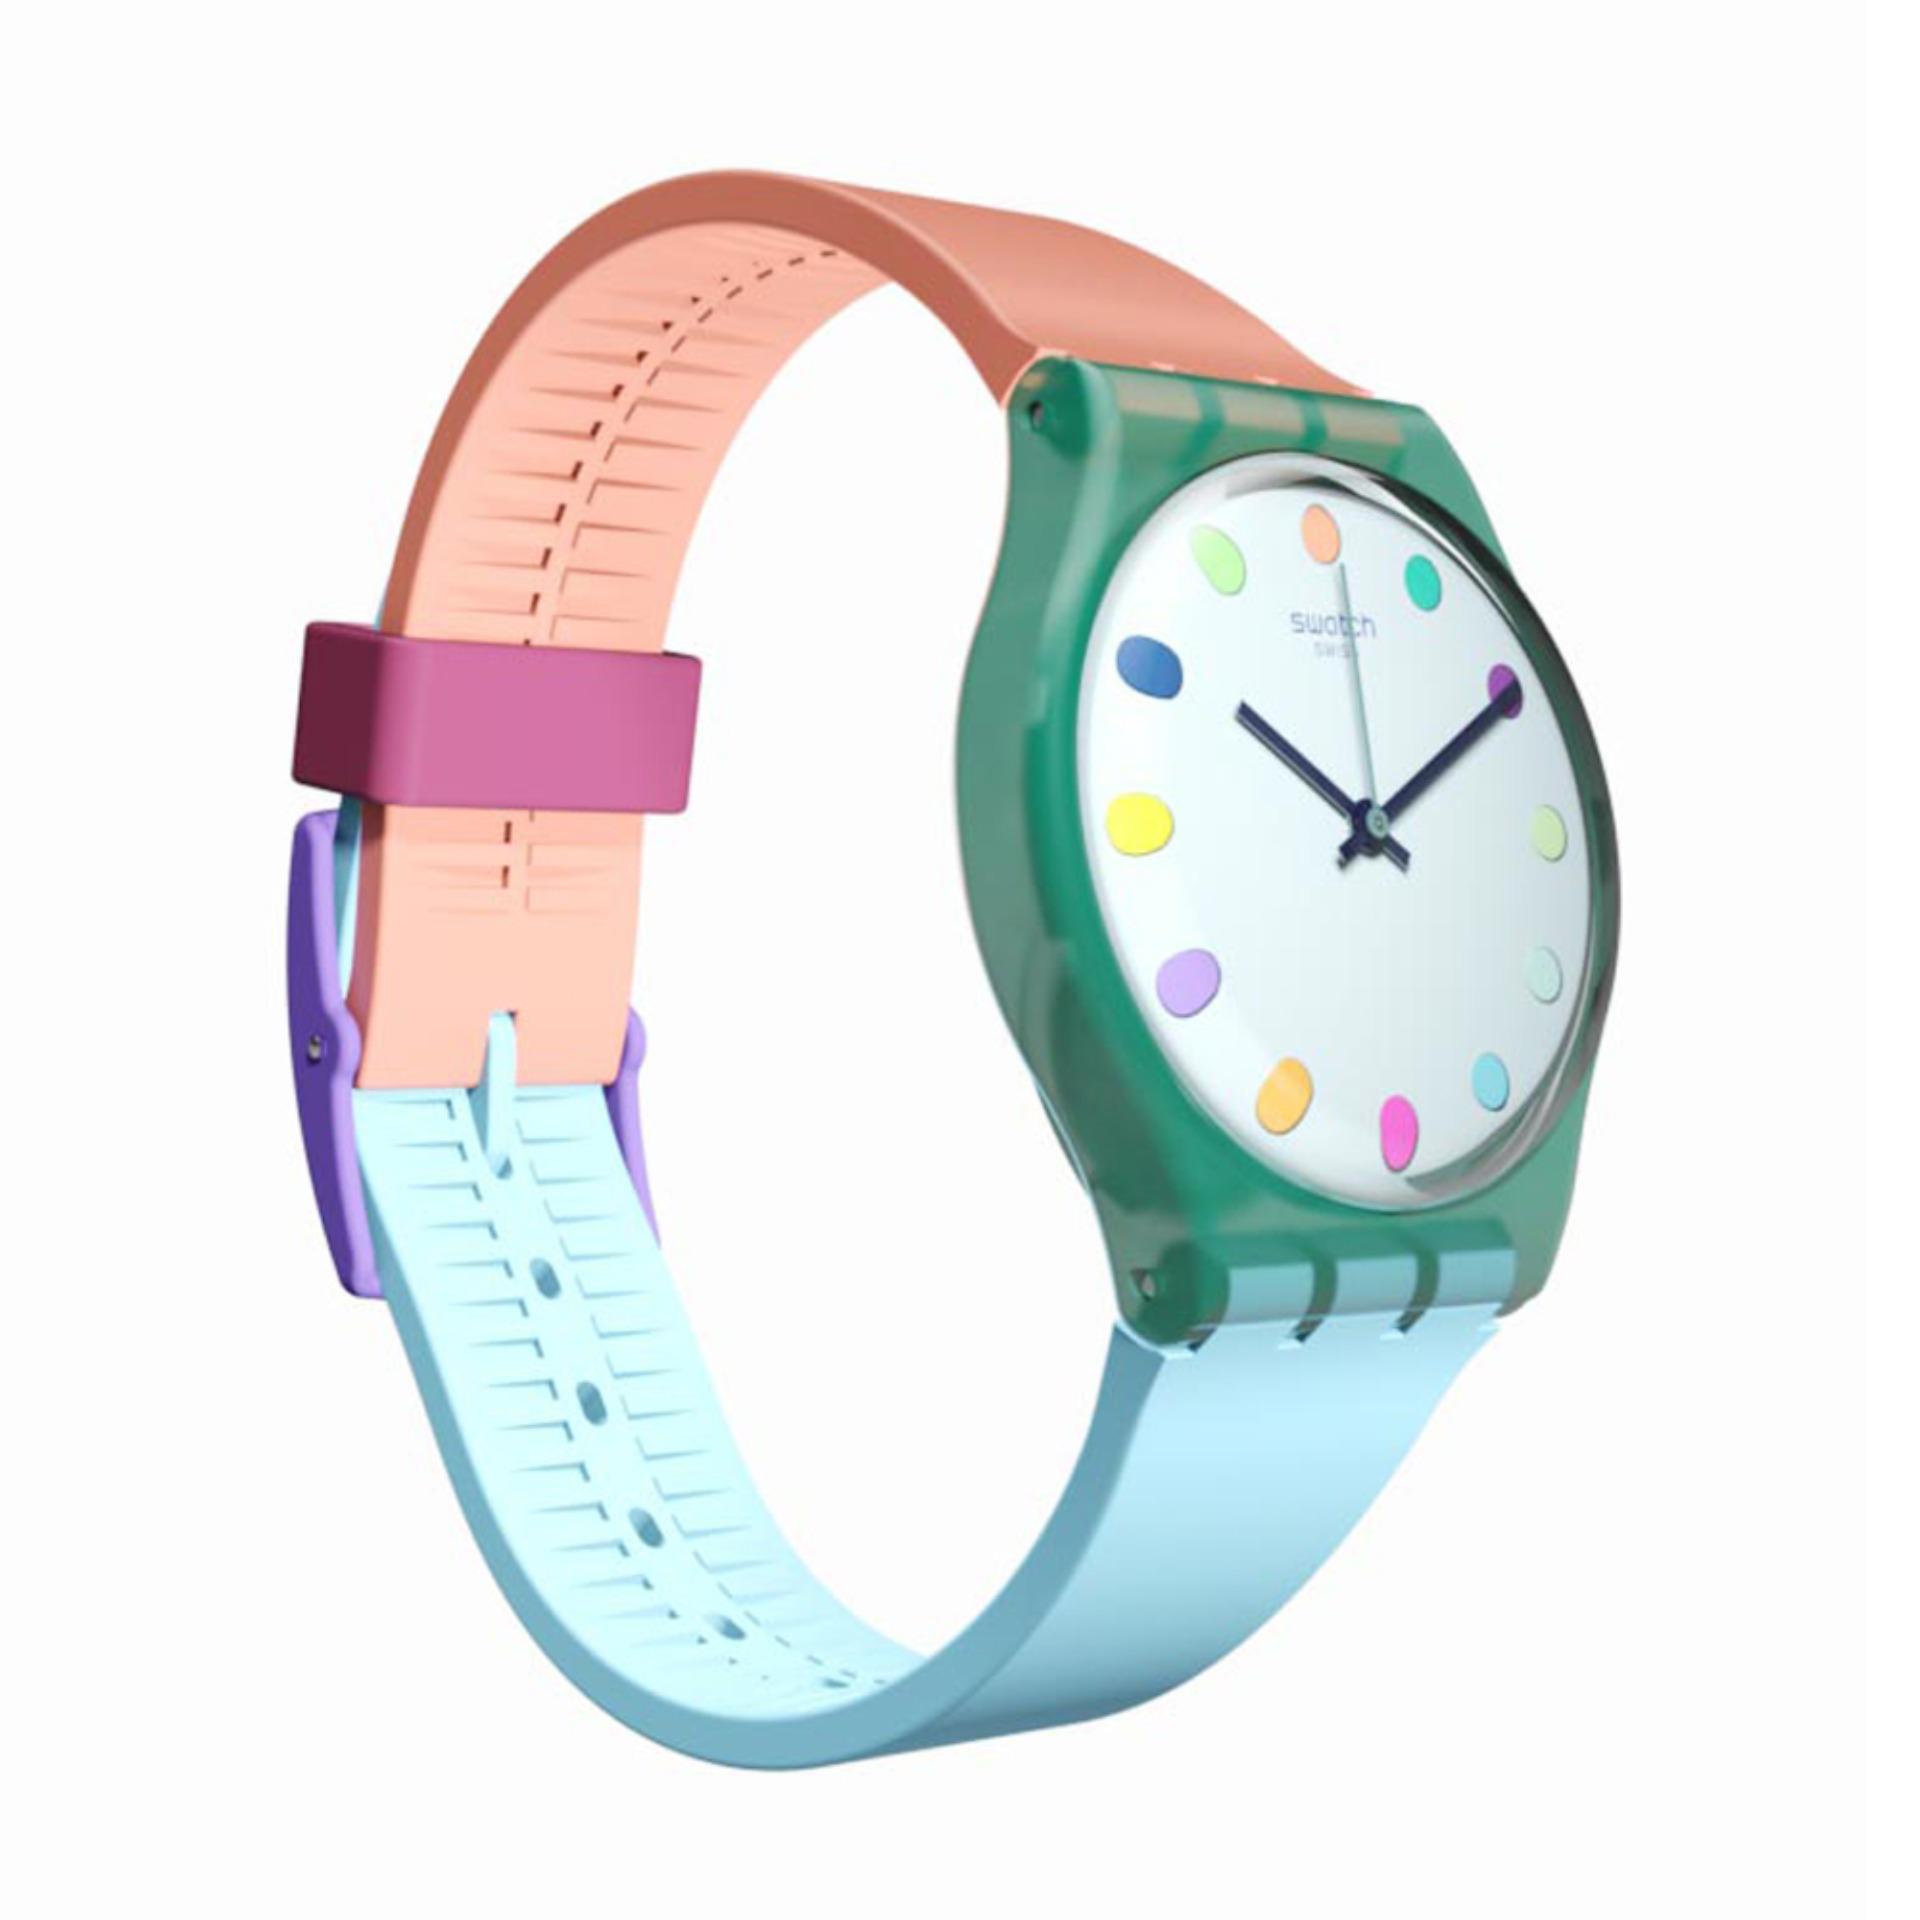 Jam Tangan Swatch Original Dan Dm044 04 Analog Wanita Multicolor Spec Swiss Gg219 Rubber